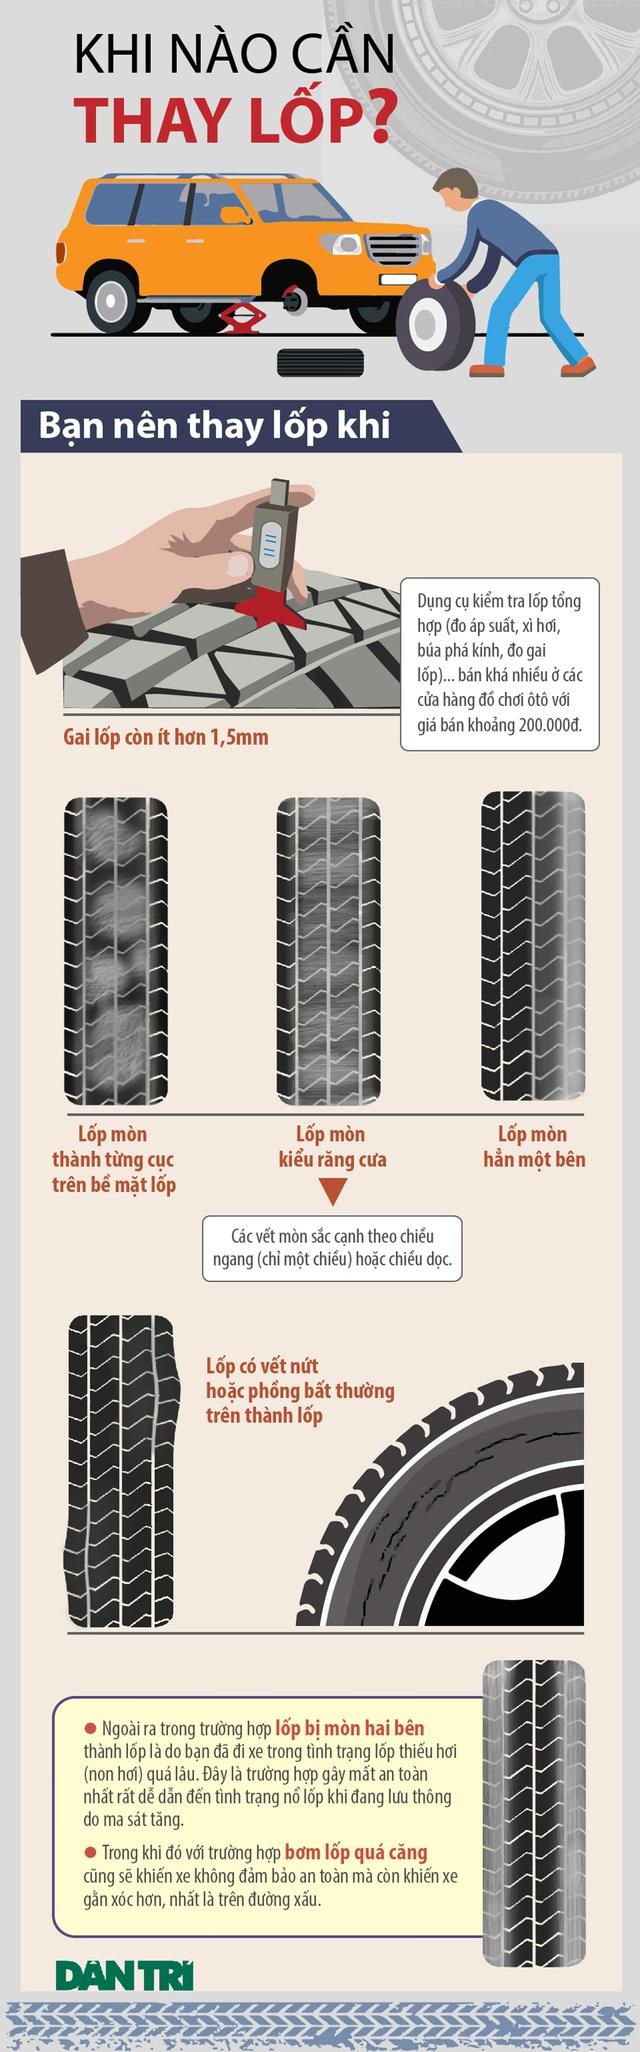 Bạn nên thay lốp khi nào? - 1